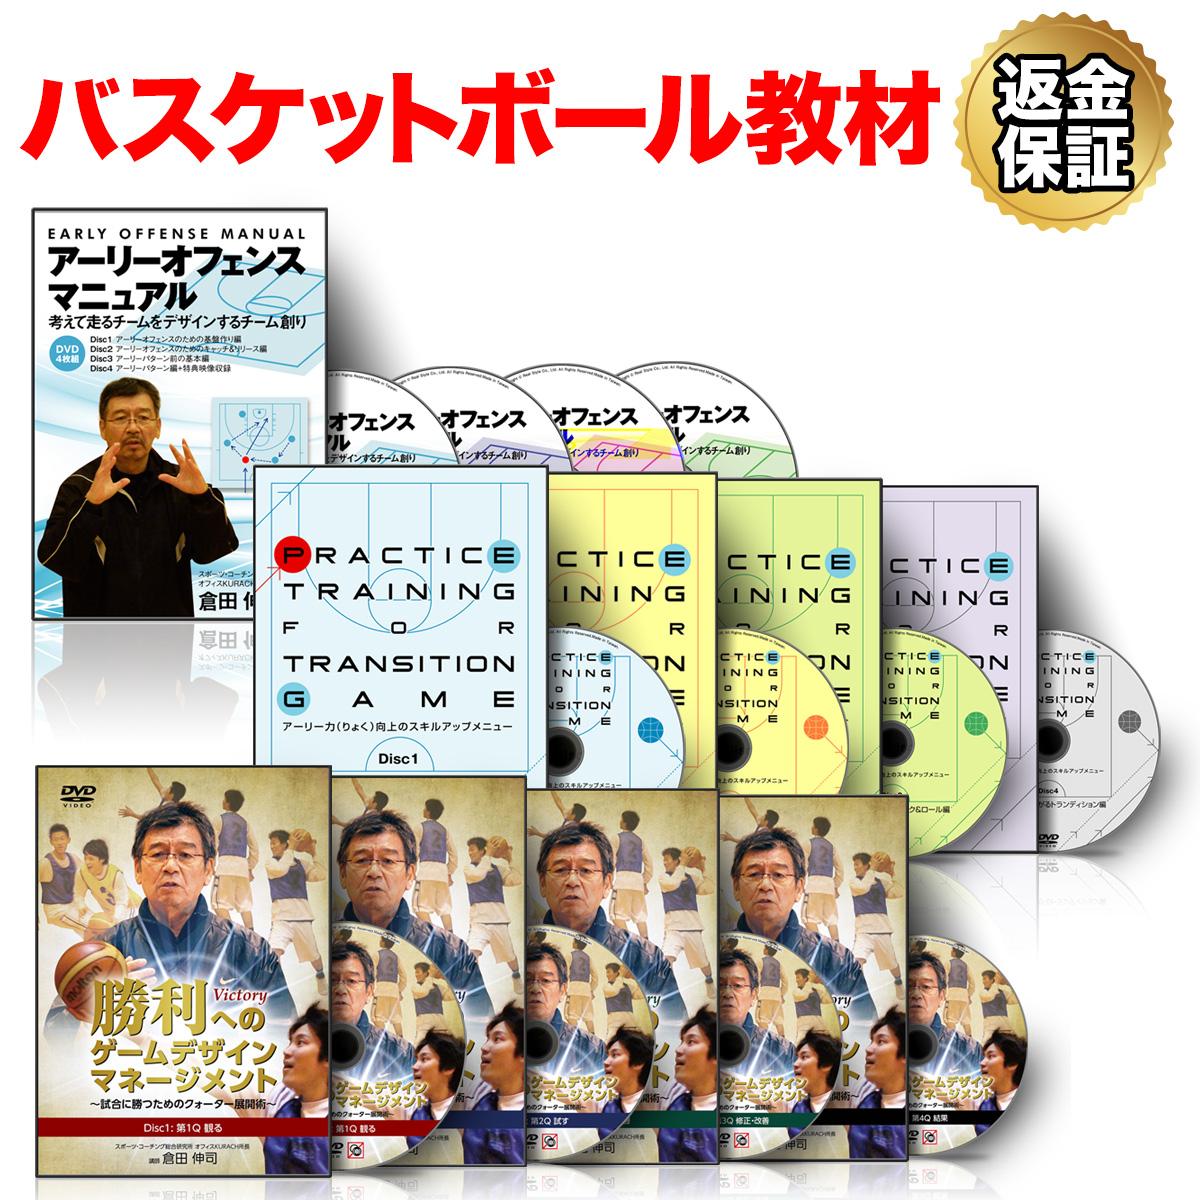 バスケットボール 教材 DVD 倉田伸司の「アーリーオフェンスマニュアル」コンプリート教材 DVD セット